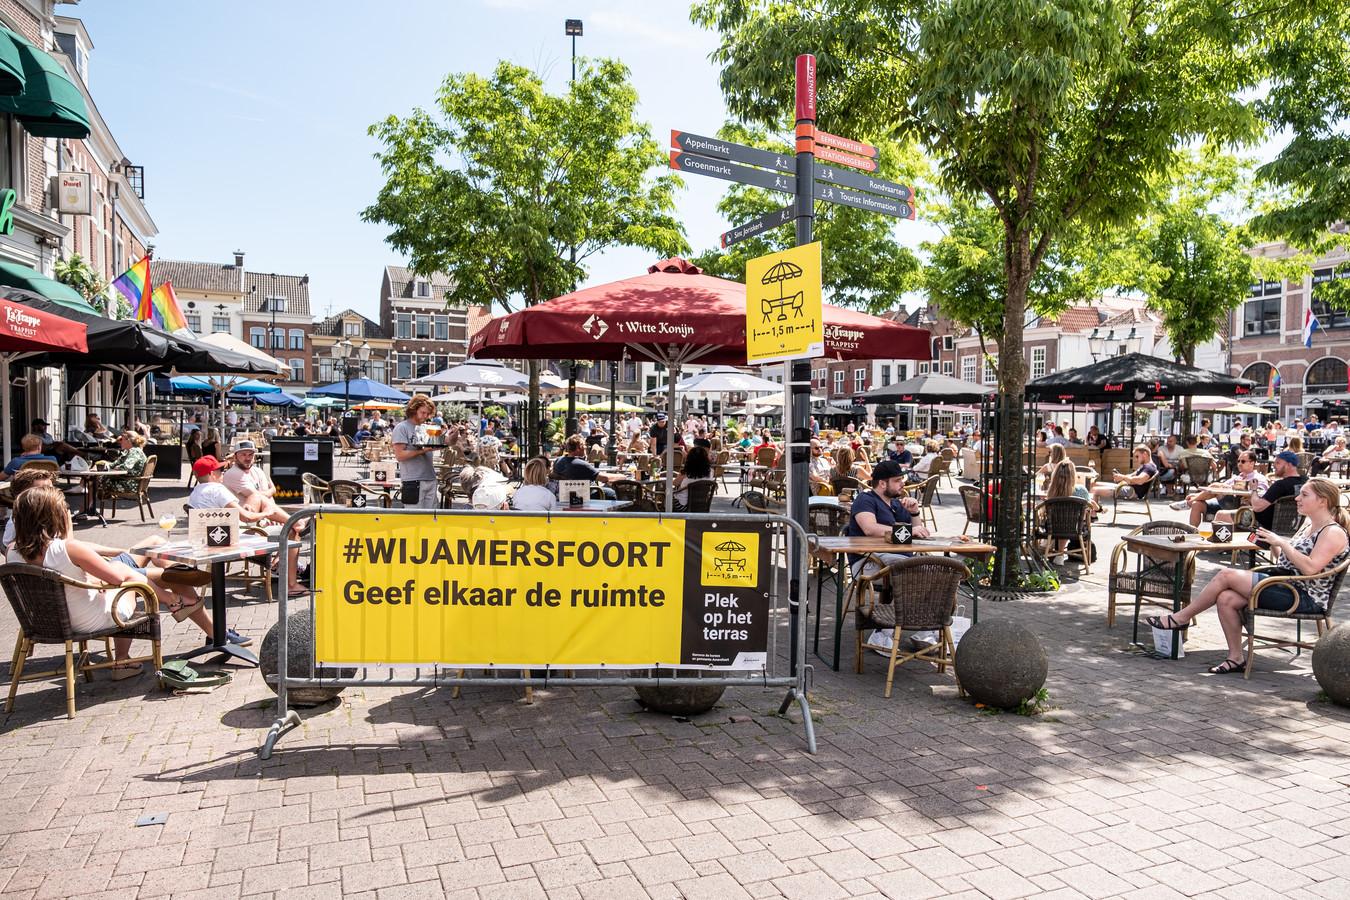 Na de eerste lockdown mochten terrassen in Amersfoort in de 1,5 meter-inrichting uitbreiden om de horeca wat lucht te geven.